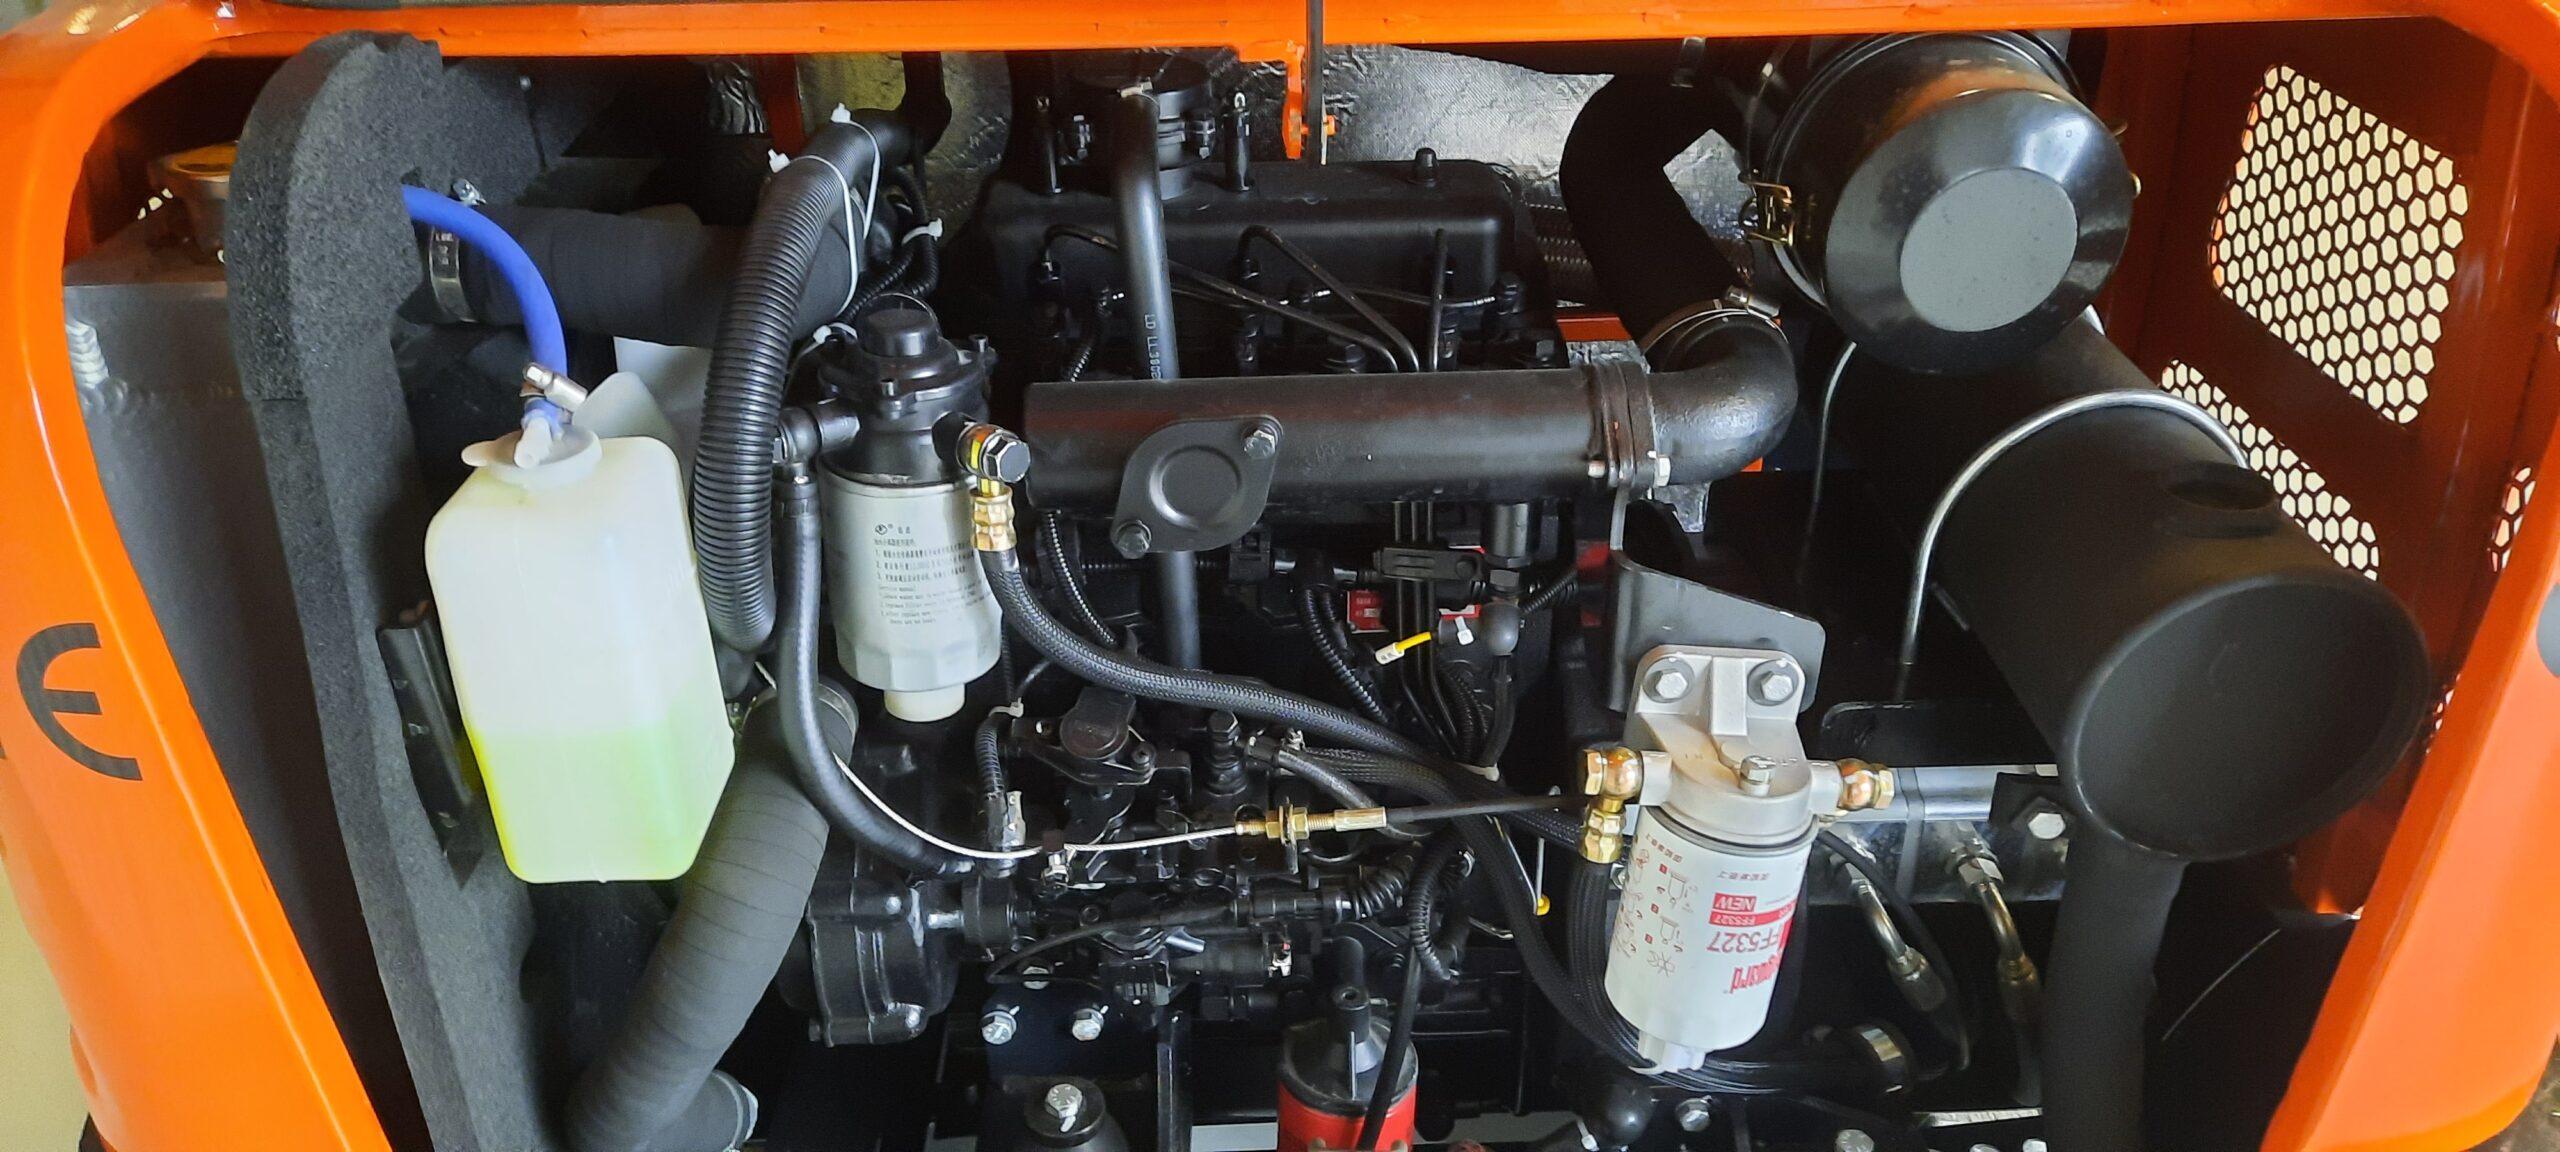 ere22 motor